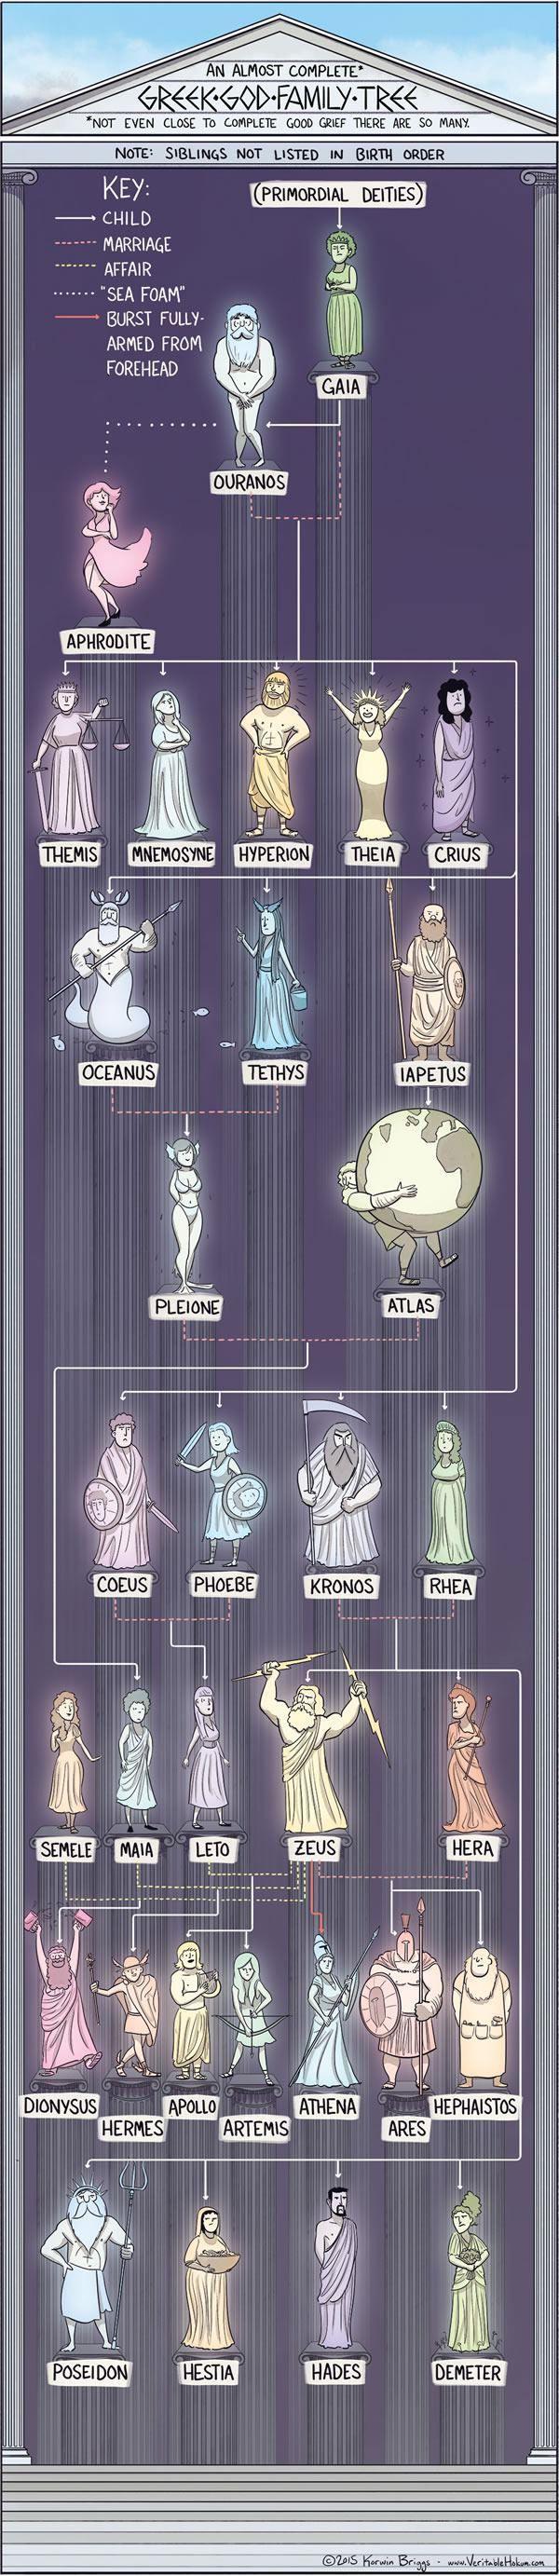 El árbol genealógico de los Dioses Griegos                                                                                                                                                                                 Más